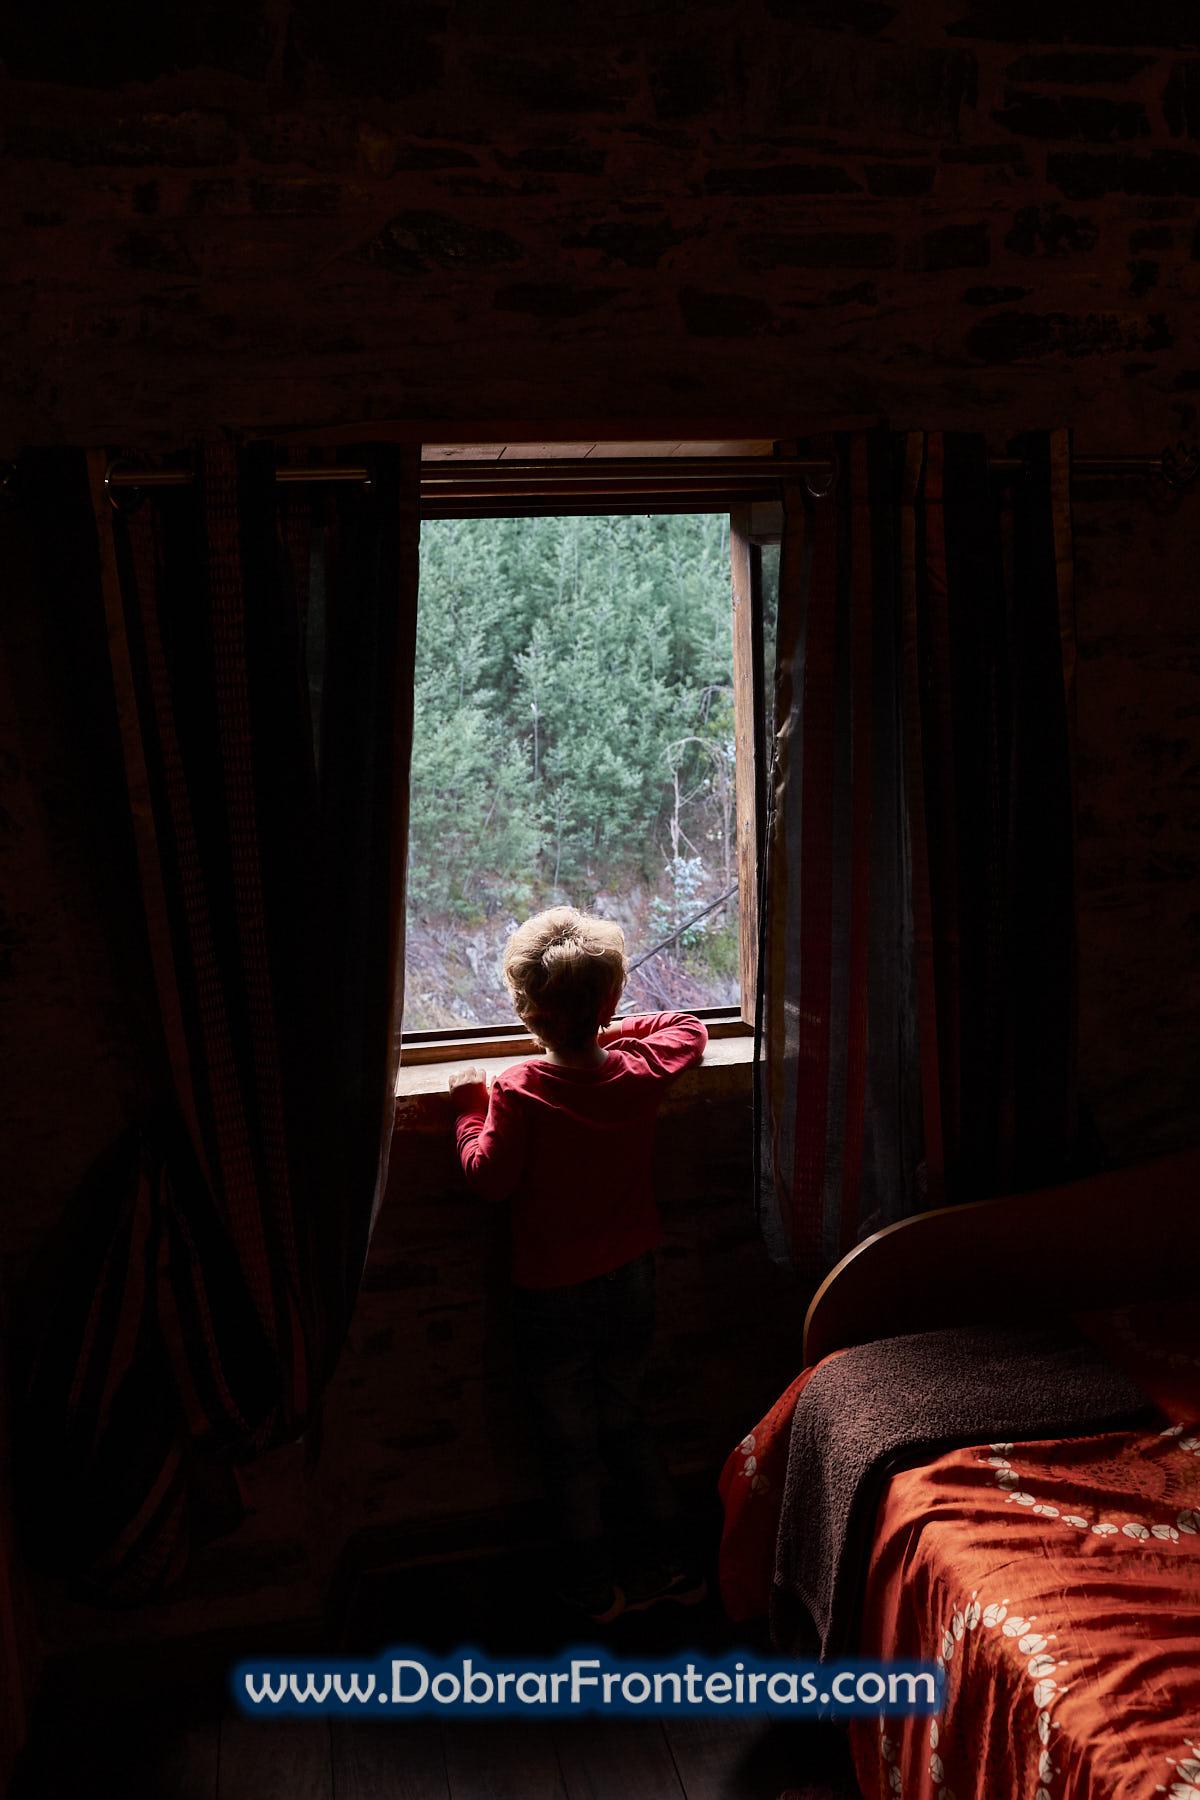 Criança a contemplar paisagem à janela